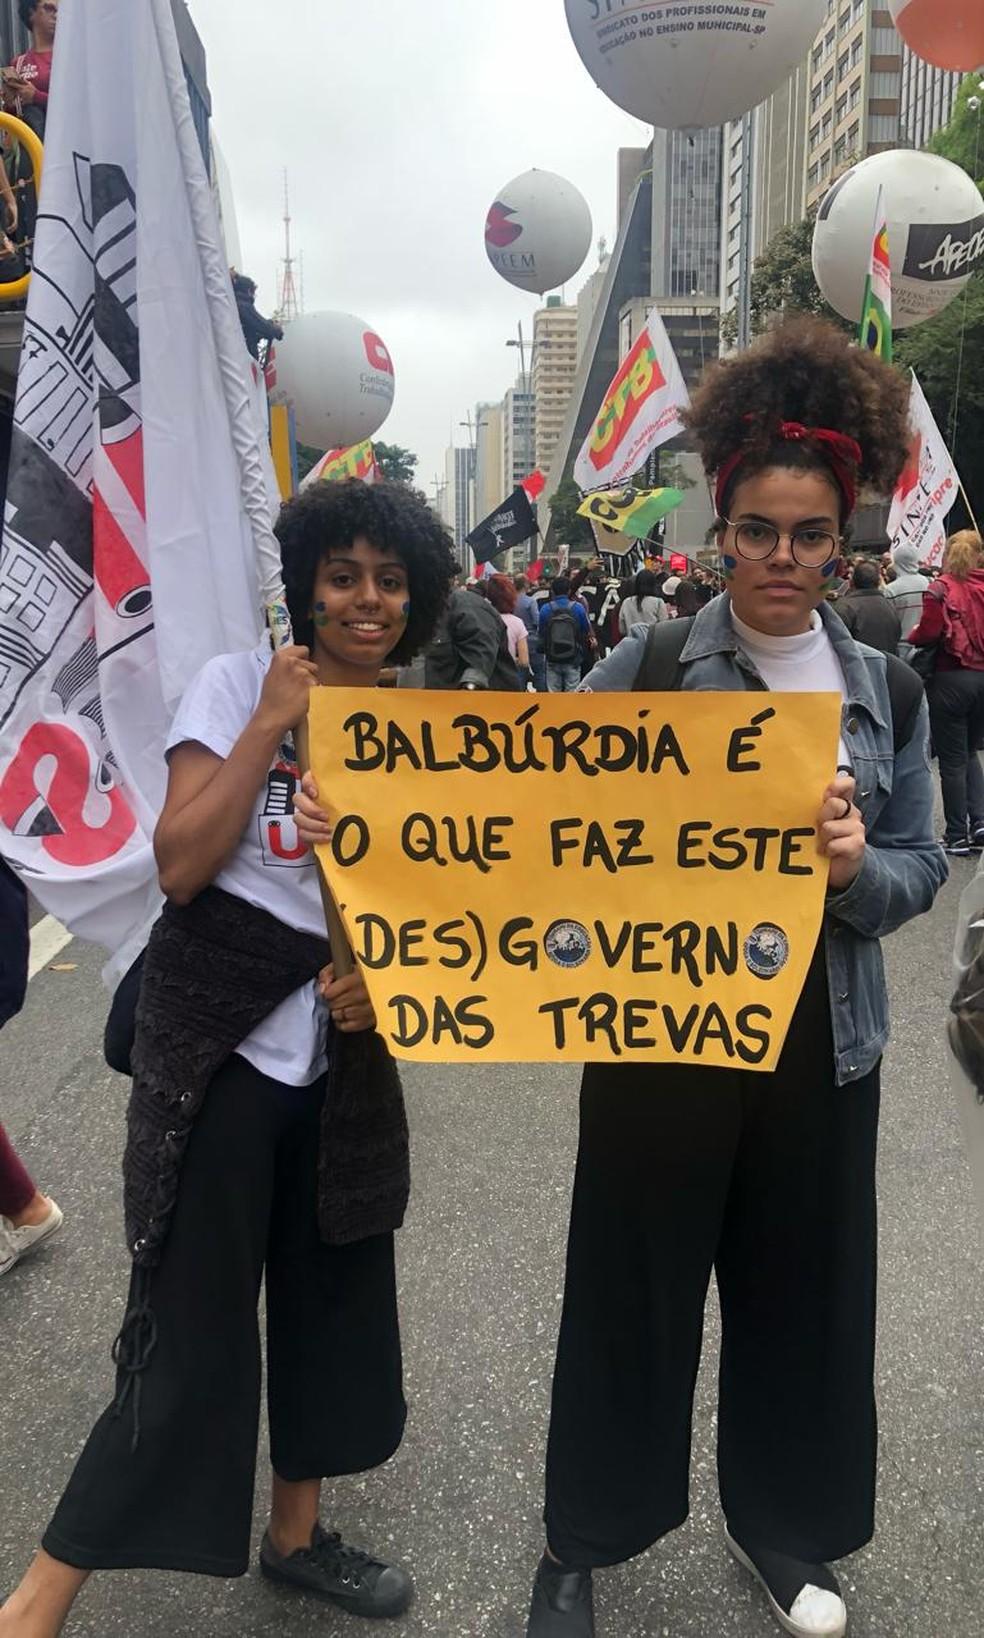 SÃO PAULO, 16h15 - Estudantes expõem cartazes em manifestação na Avenida Paulista. — Foto: Patrícia Figueiredo/G1